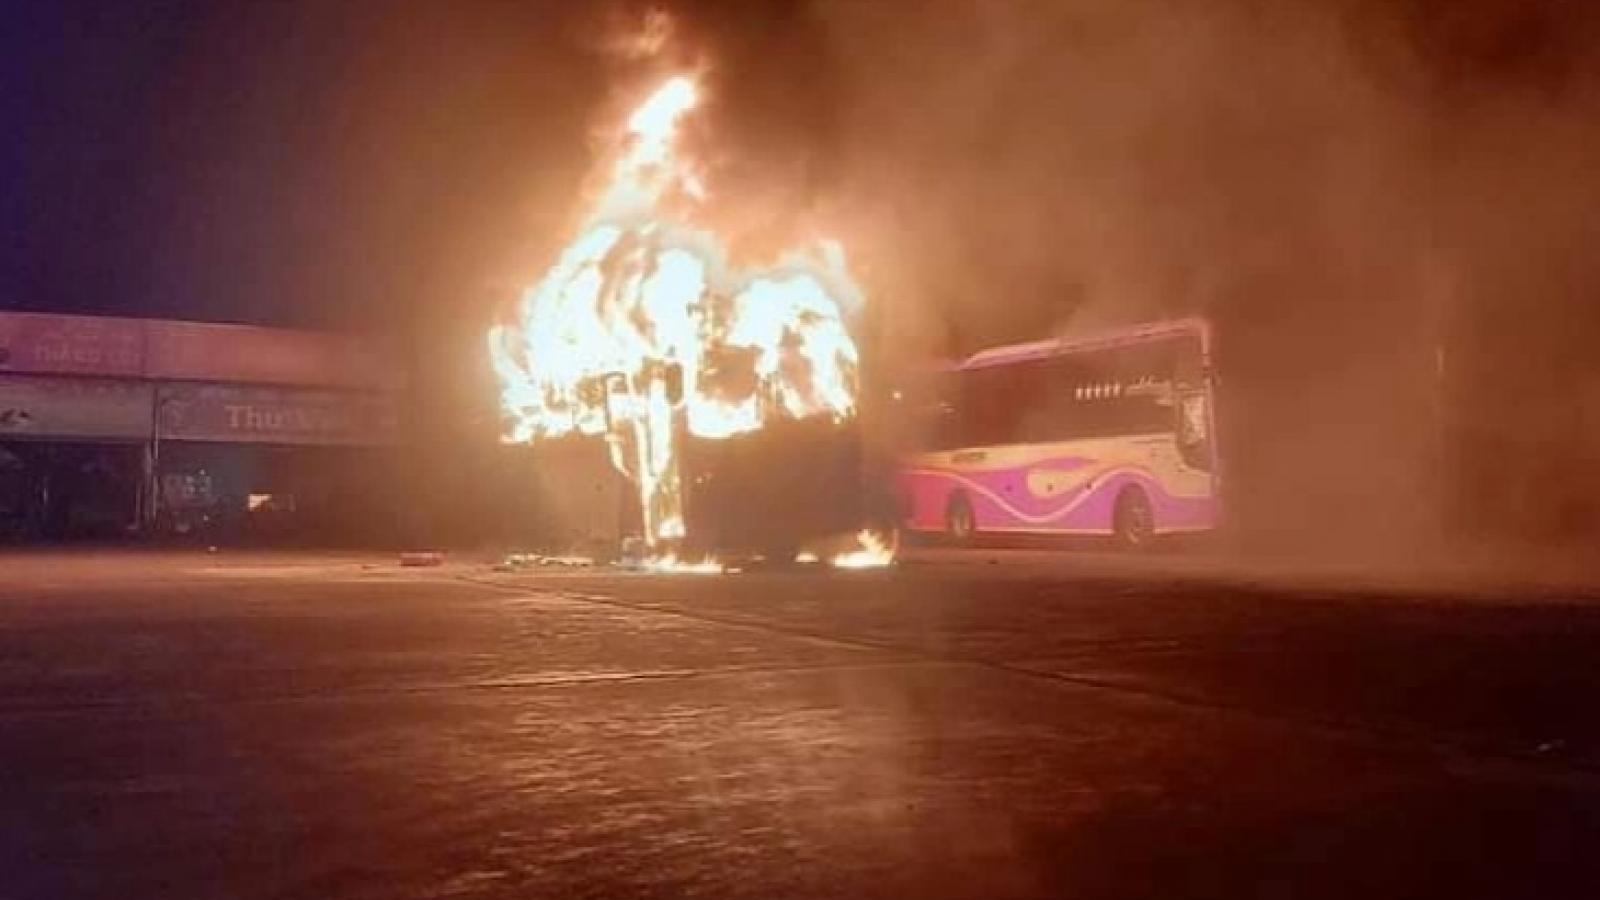 Đang đỗ ở bến, xe khách bất ngờ bốc cháy